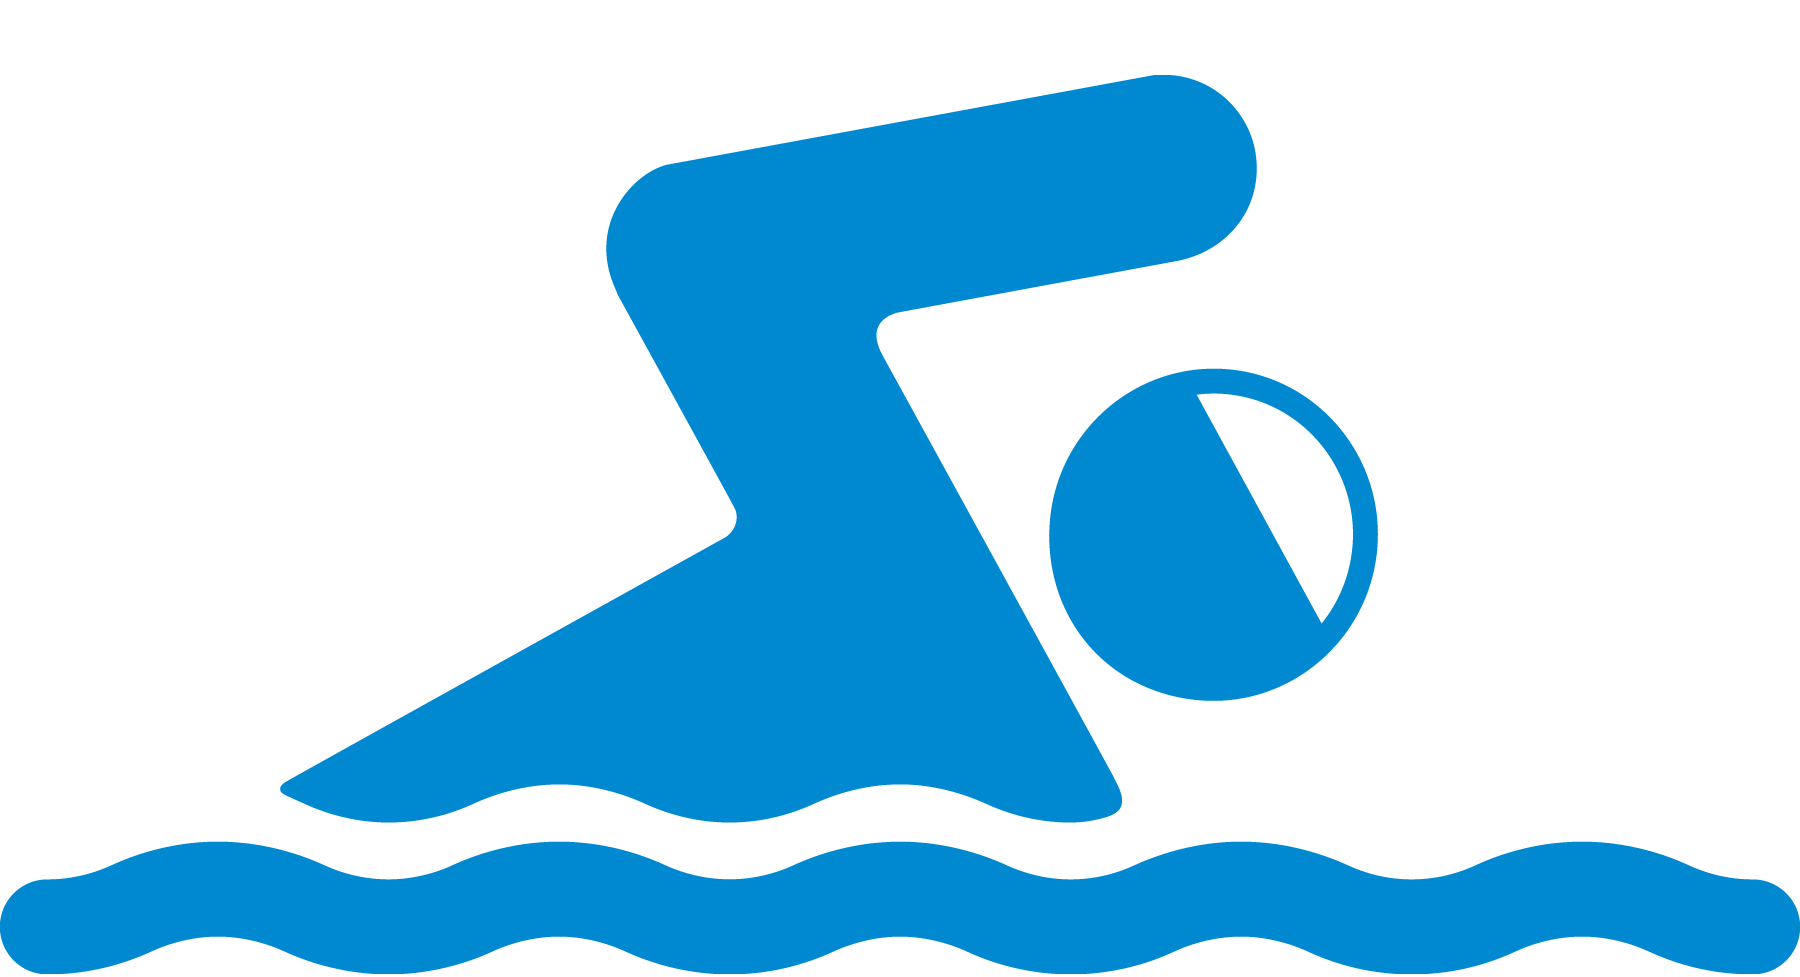 Clipart swimming school, Clipart swimming school Transparent.